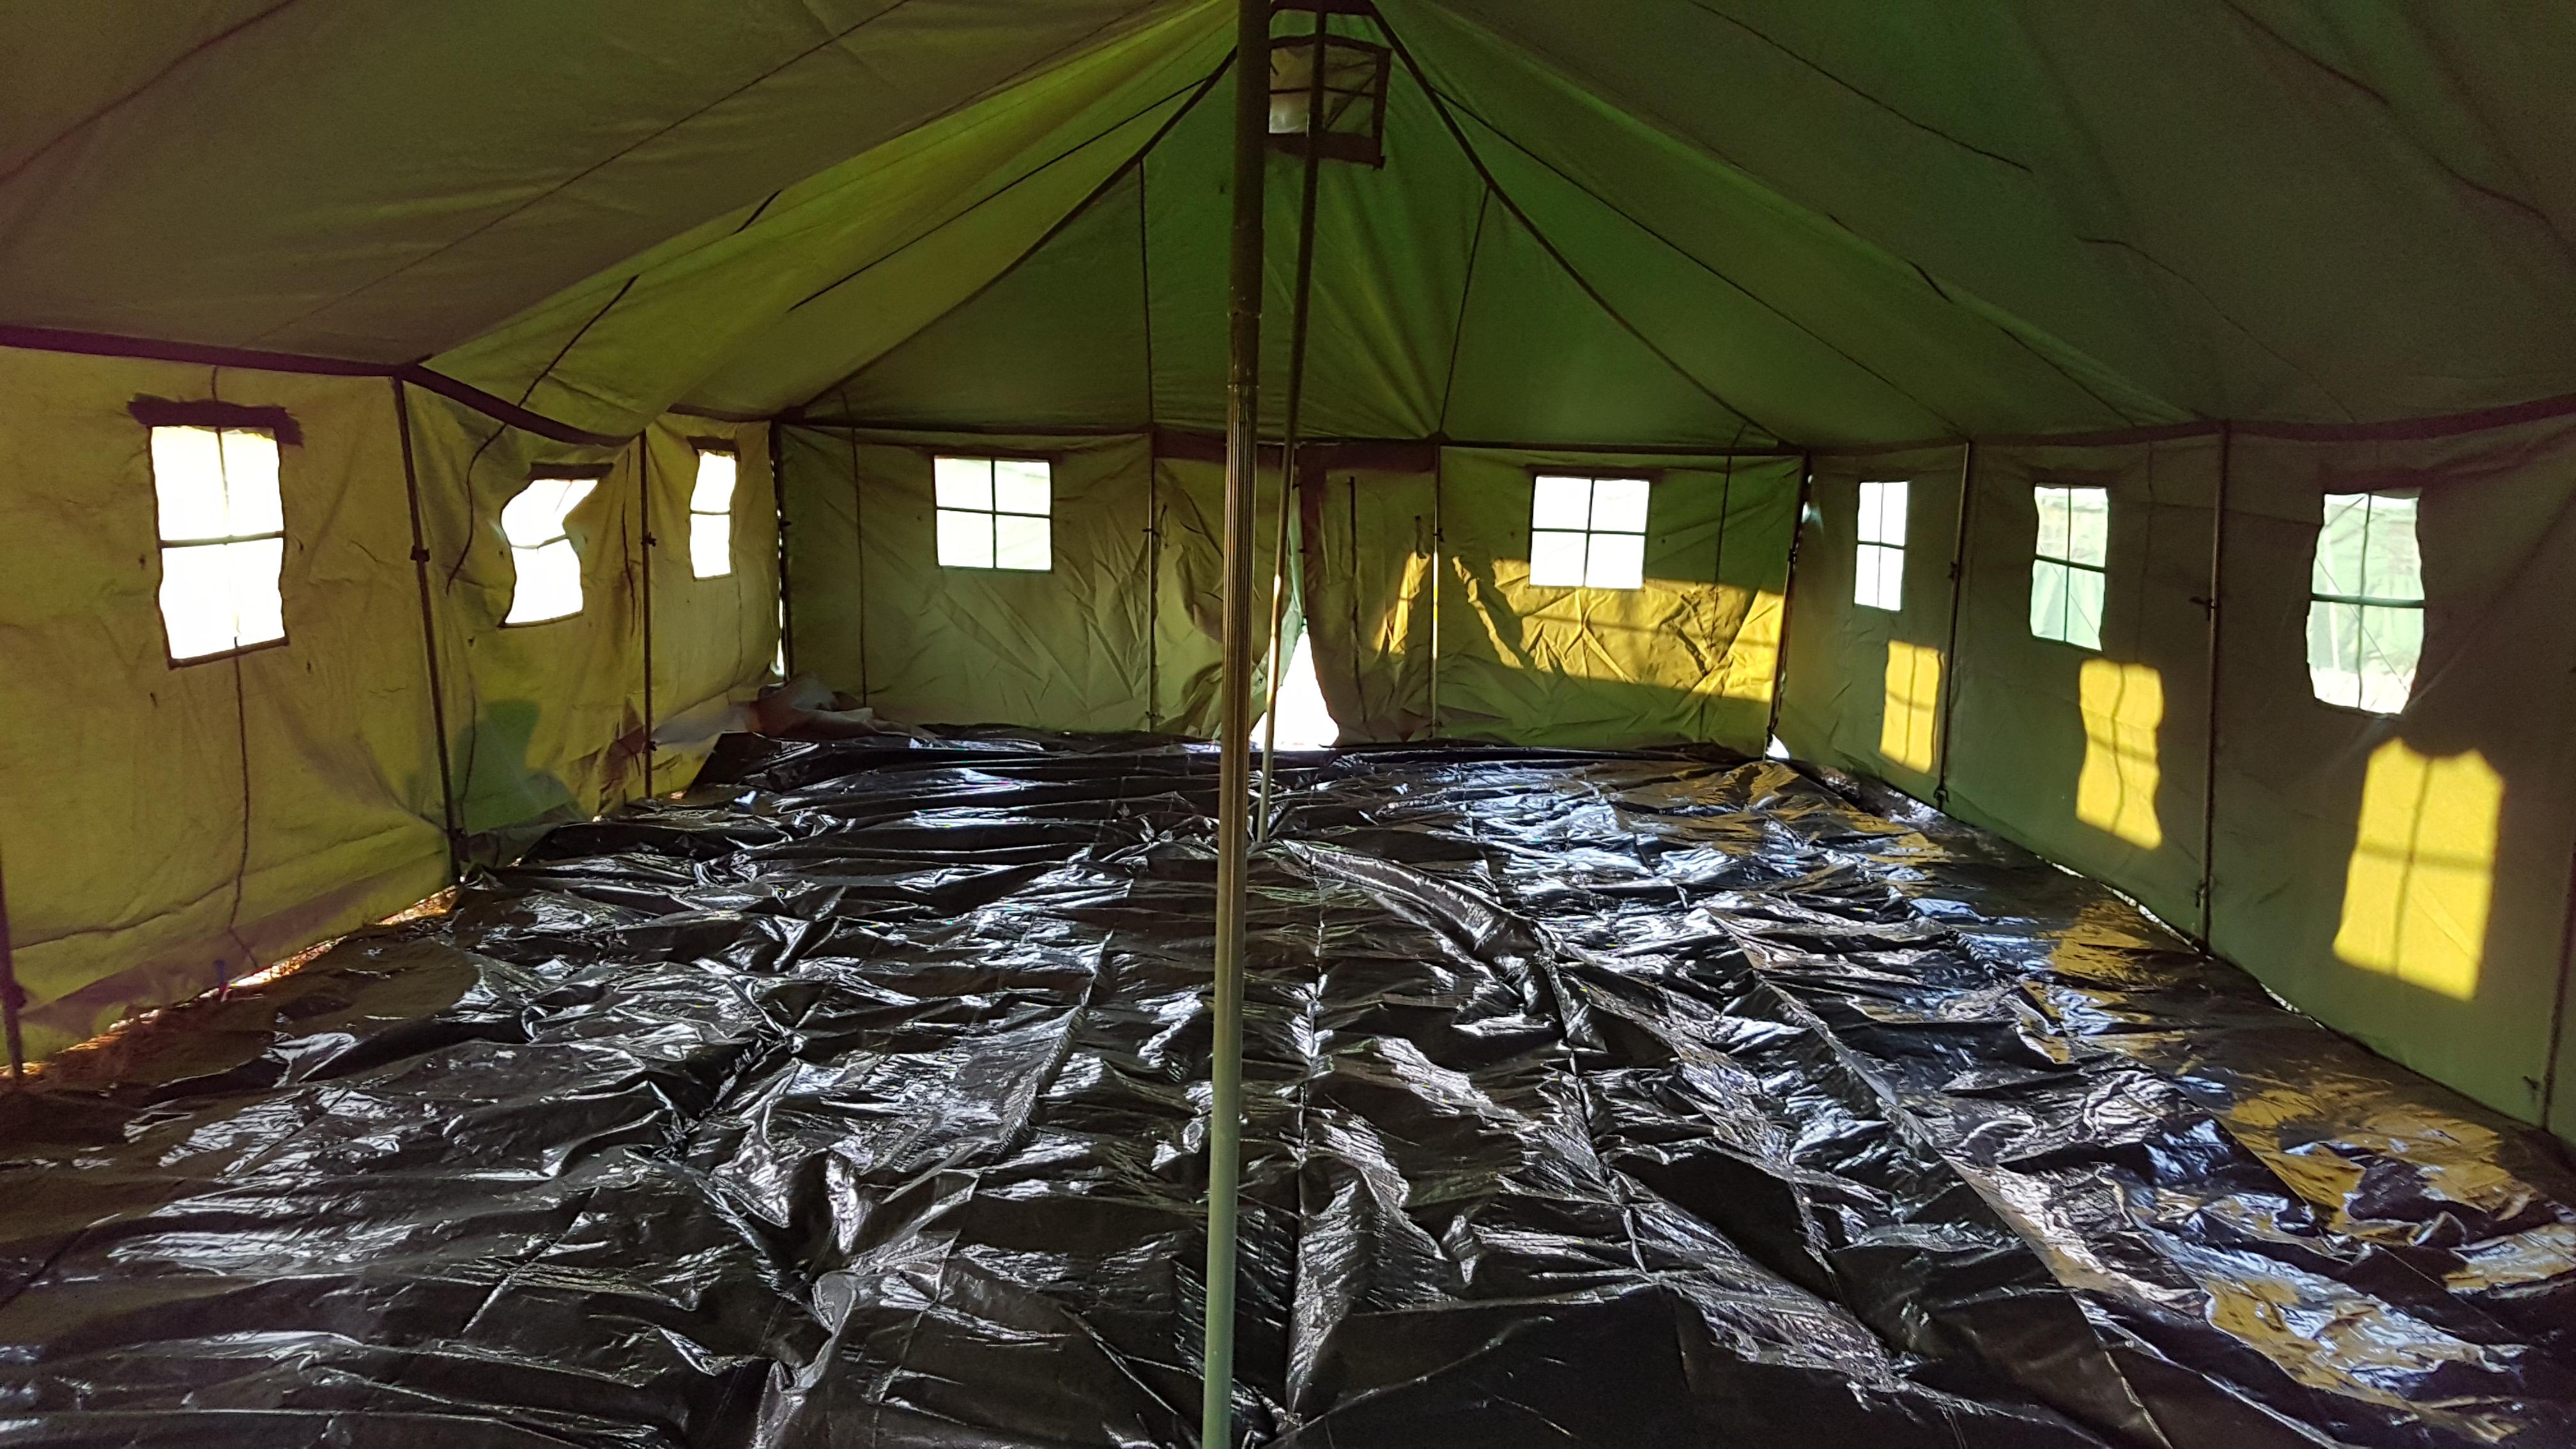 kamin till 12 manna tält